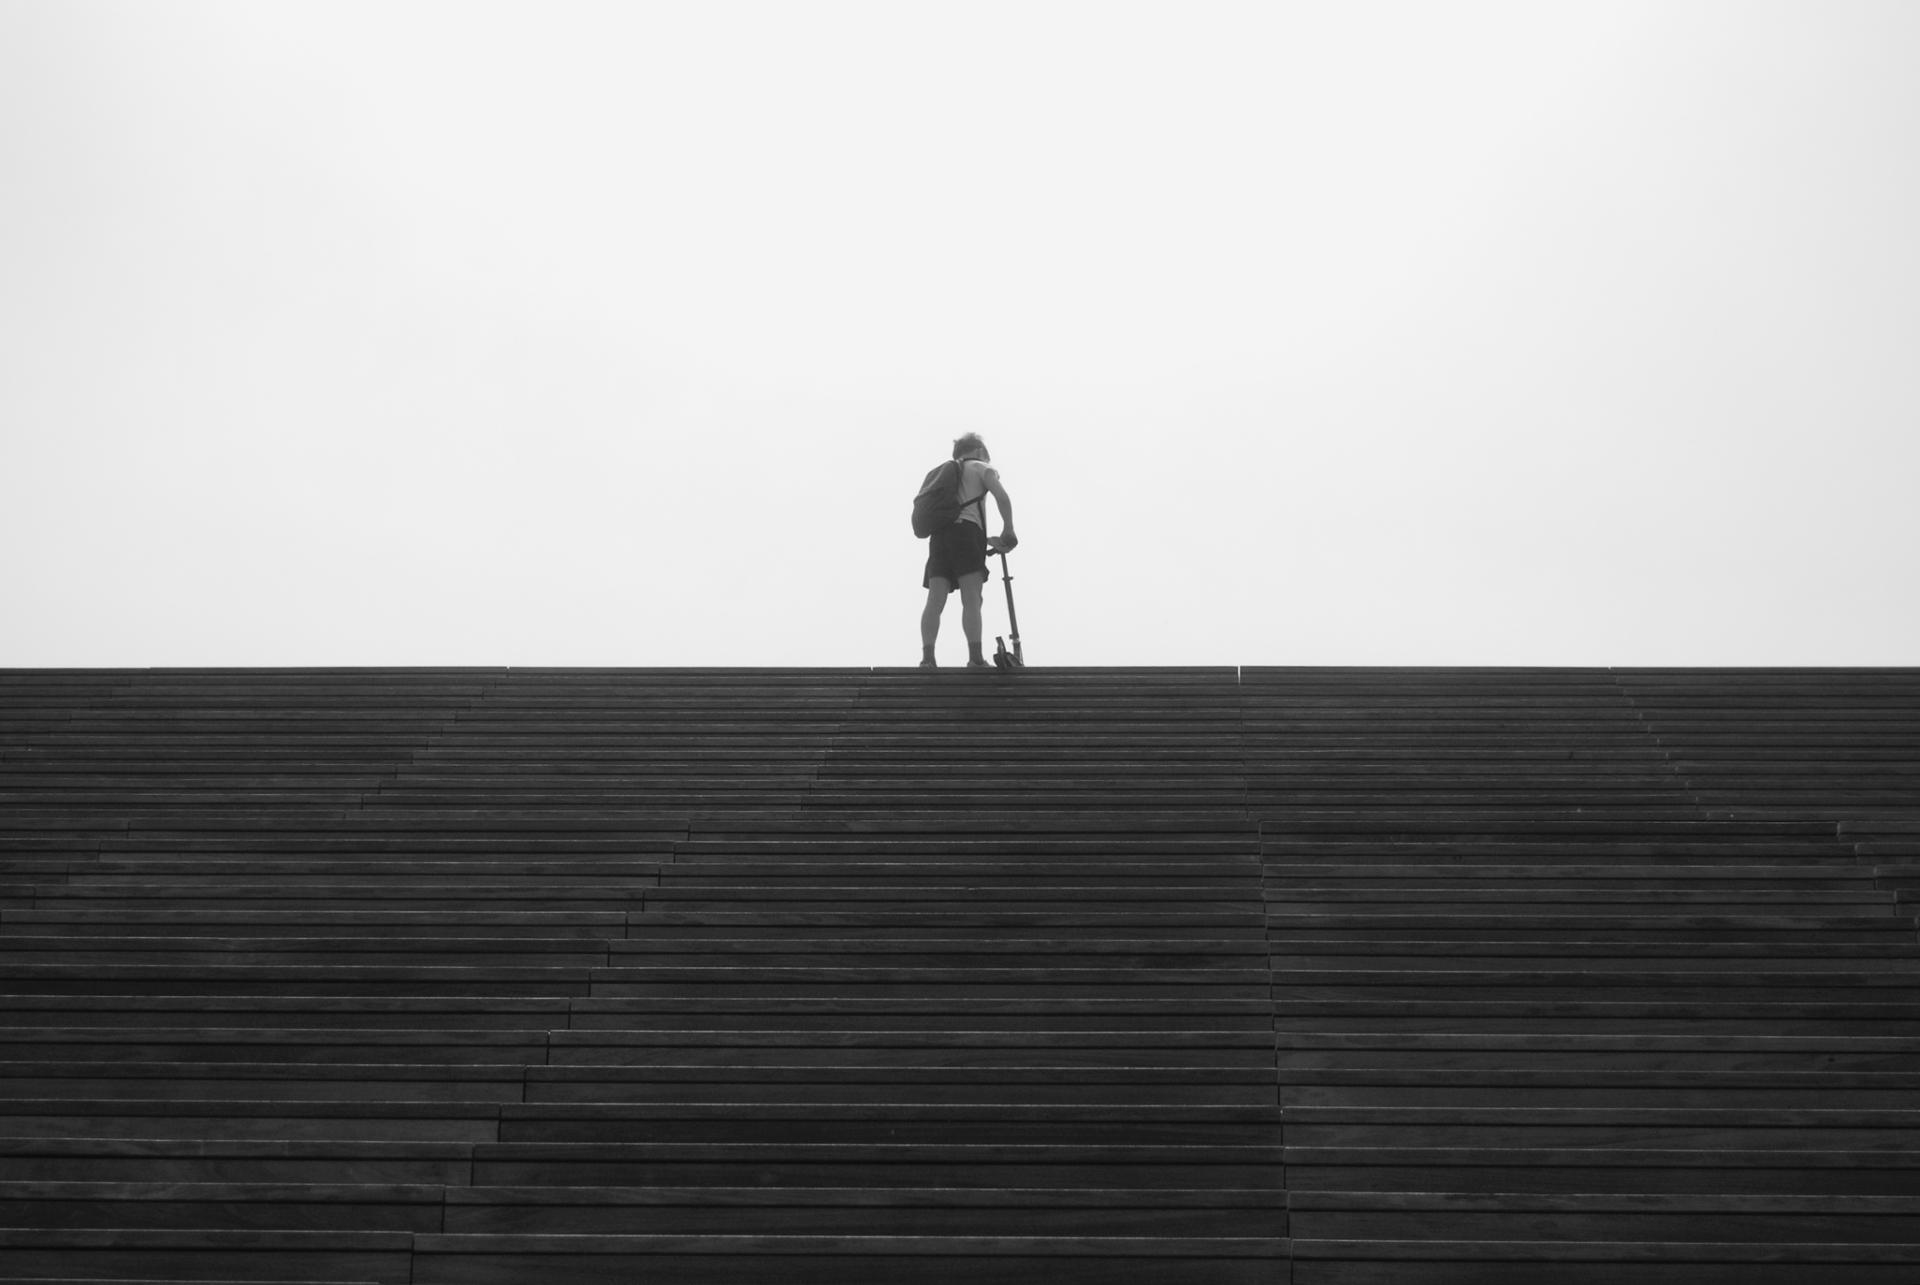 La trottinette des escaliers